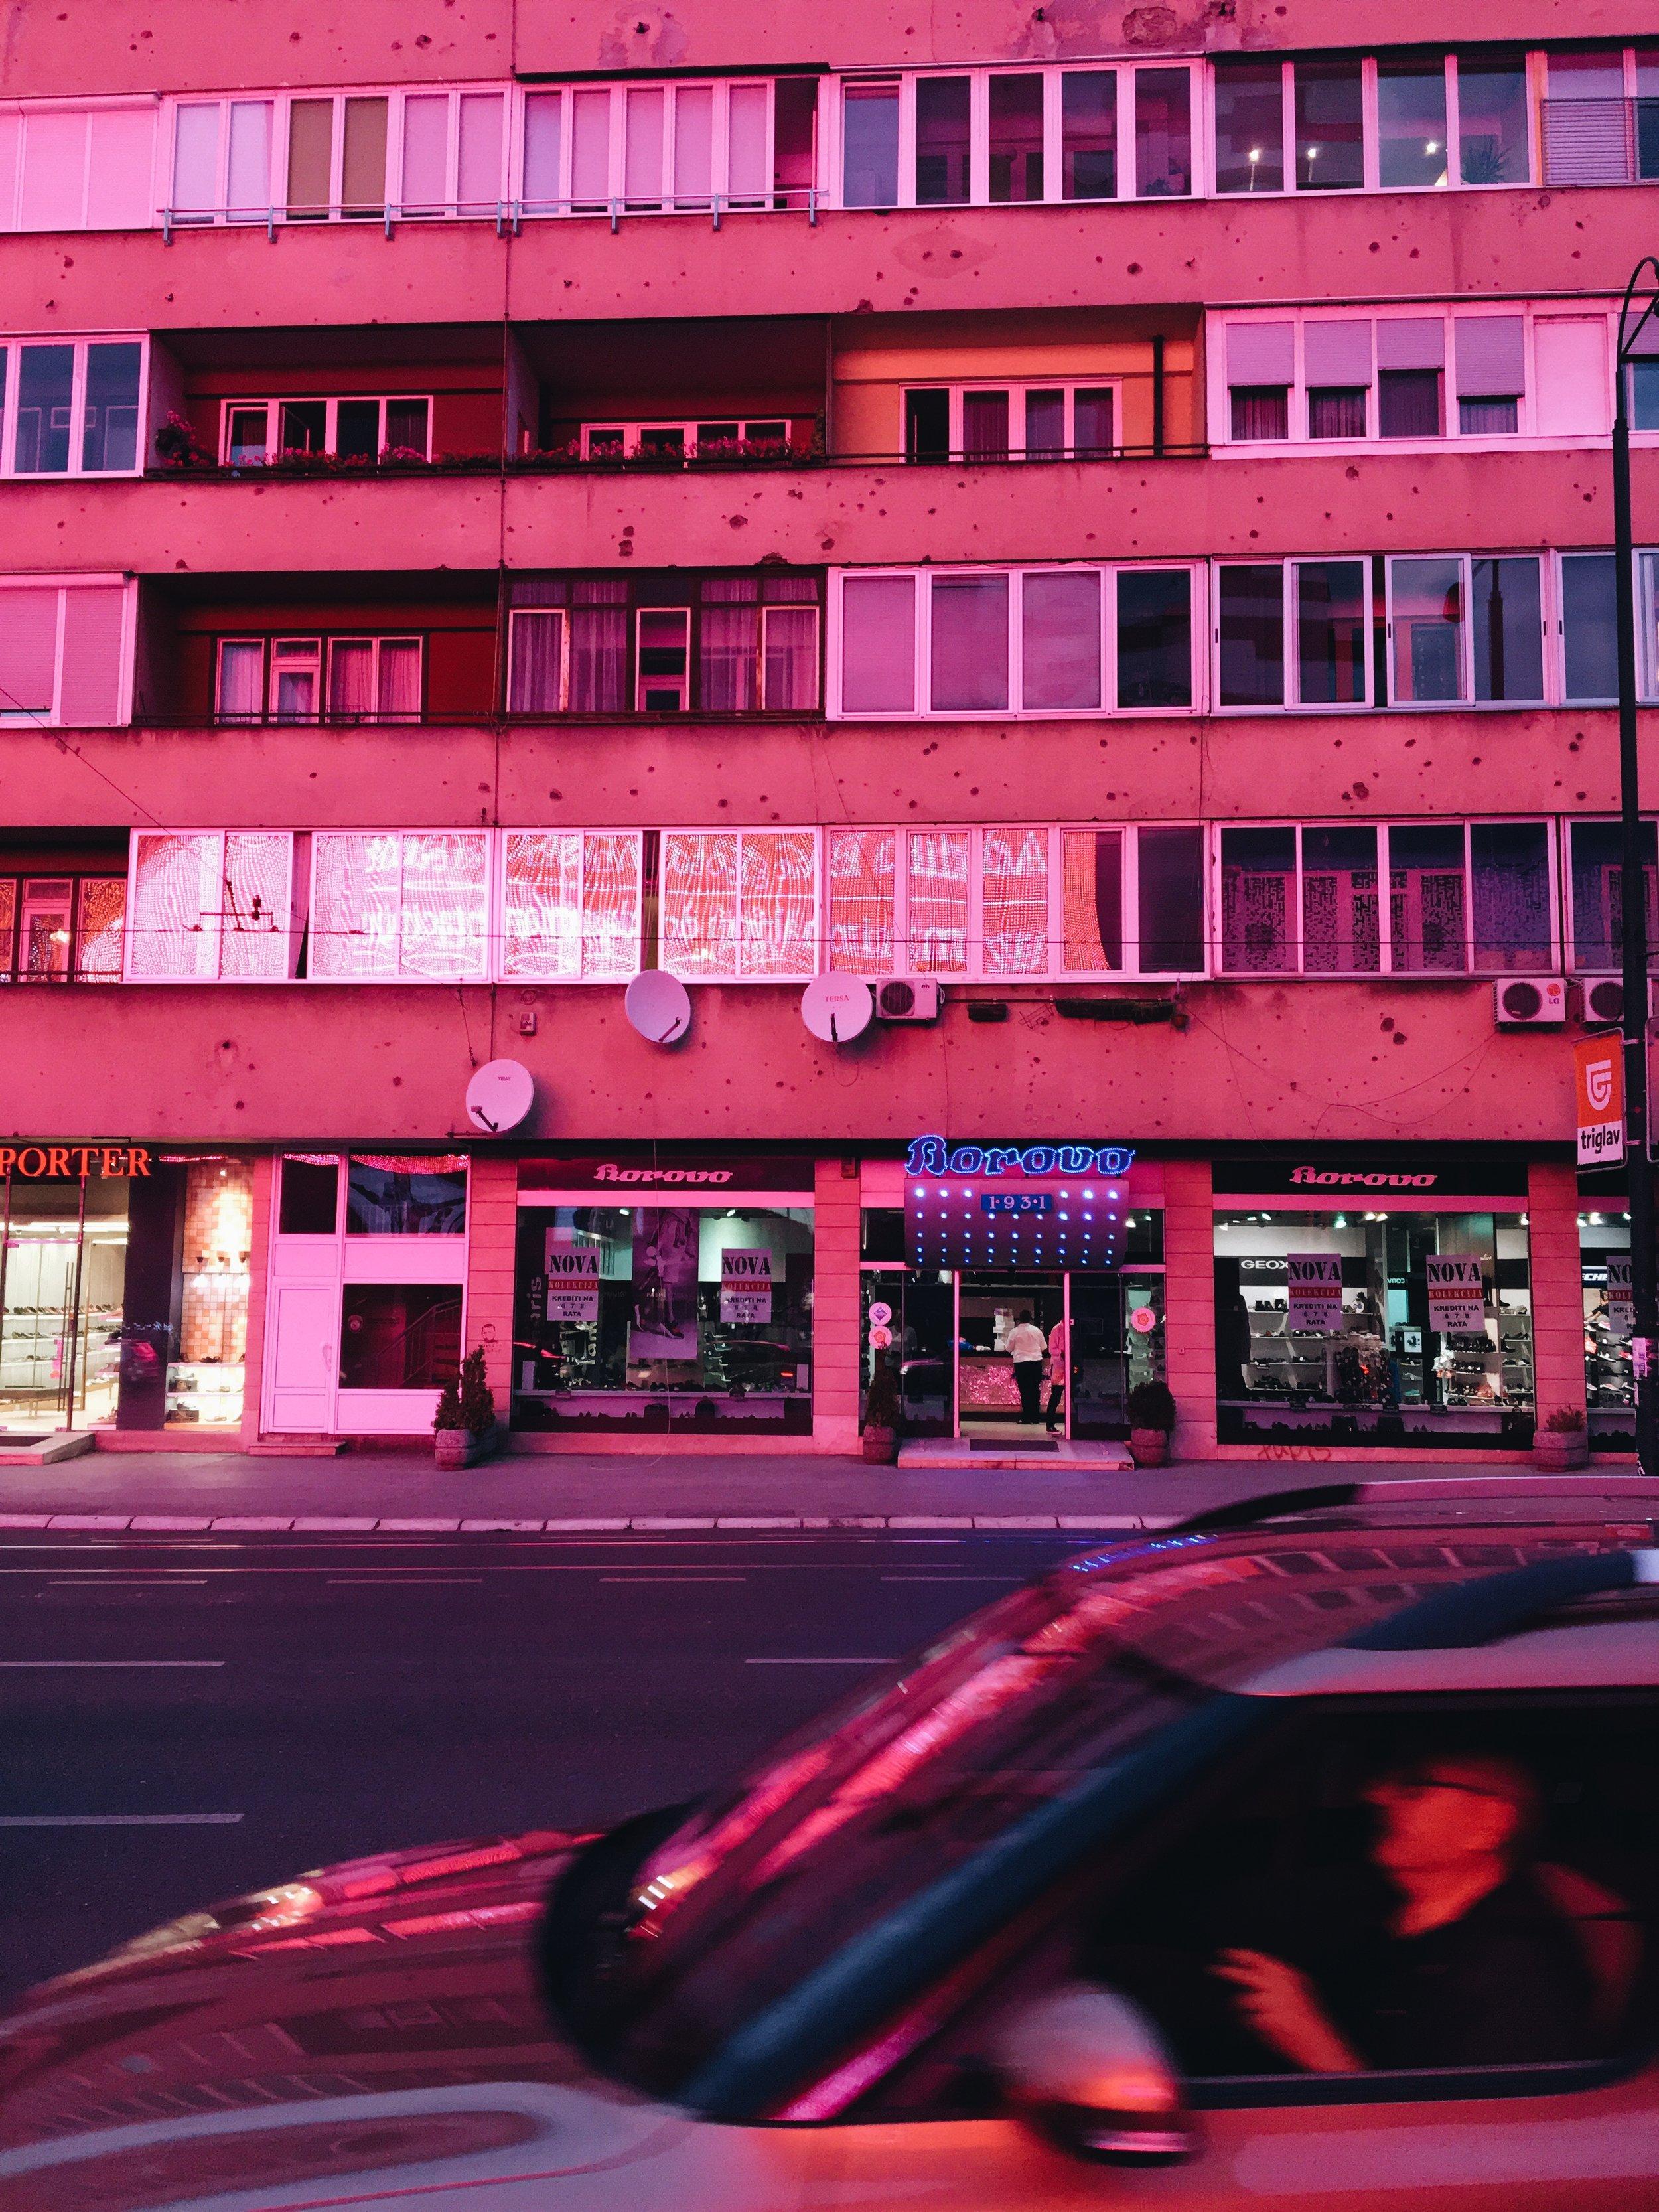 Sarajevo_03.jpg